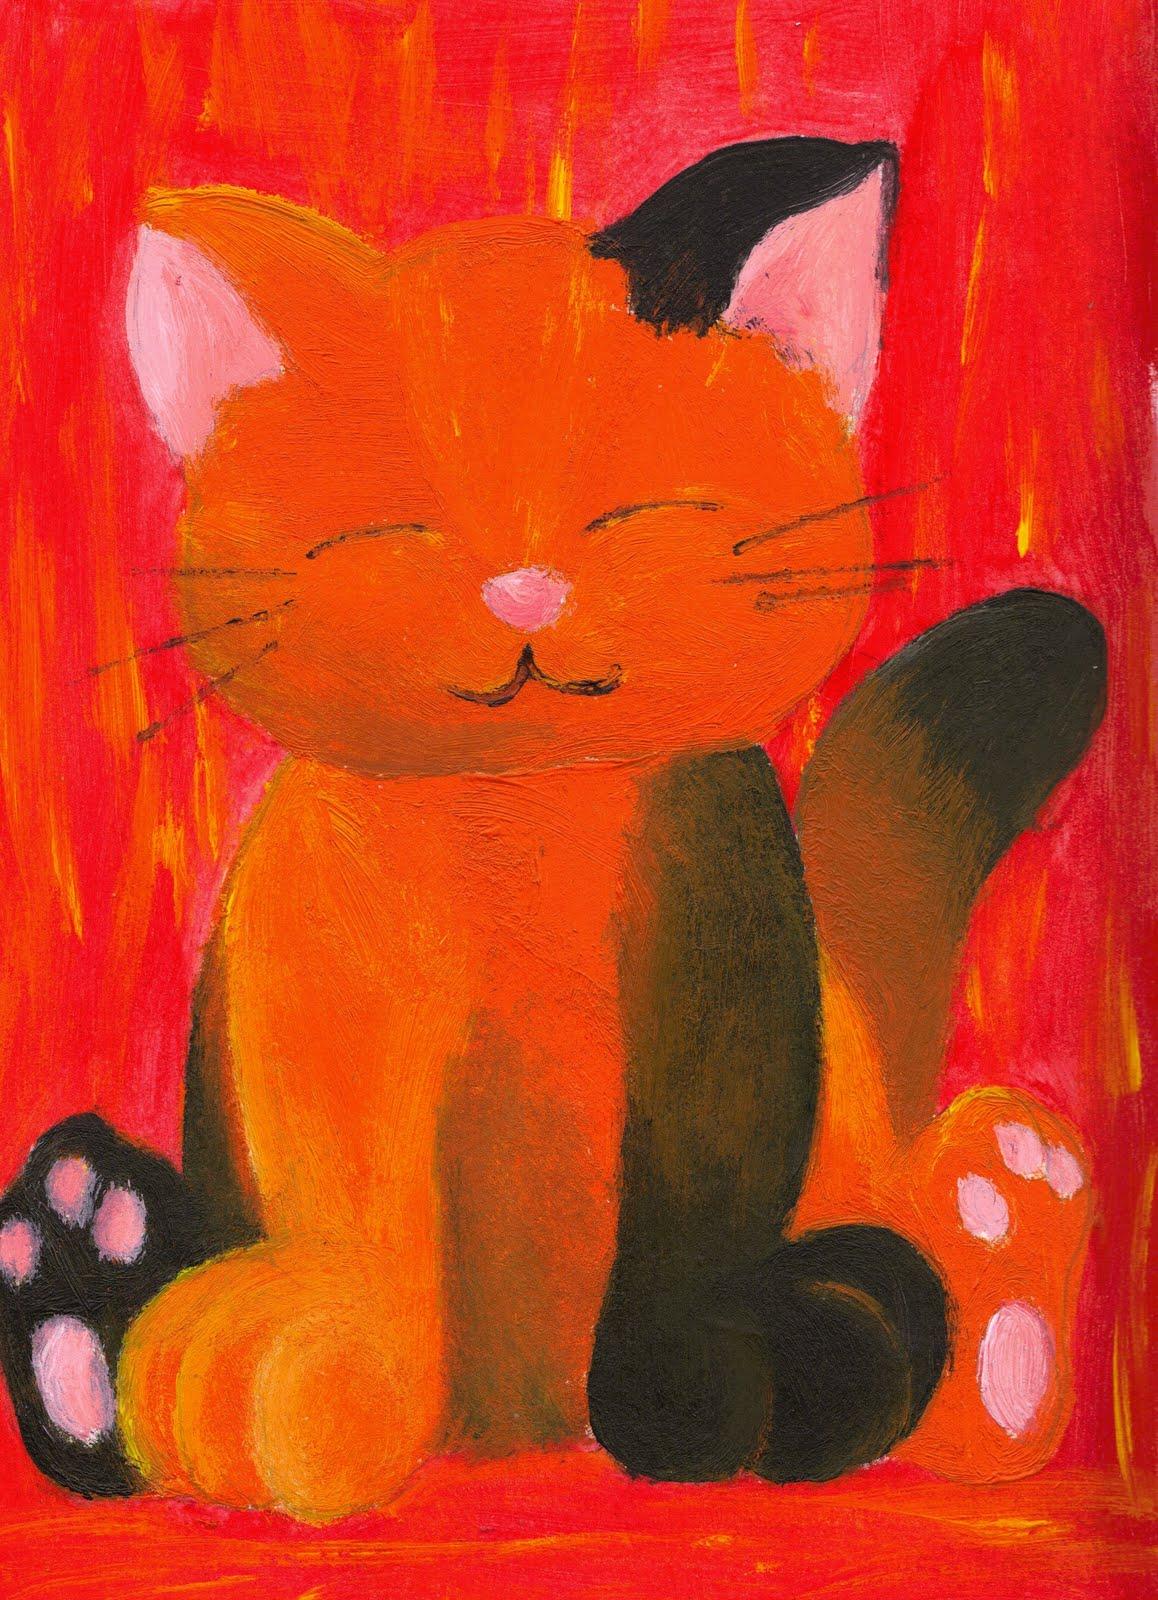 Estos dibujos son pintados con acrilico y tempera 2 - Dibujos de gatos pintados ...